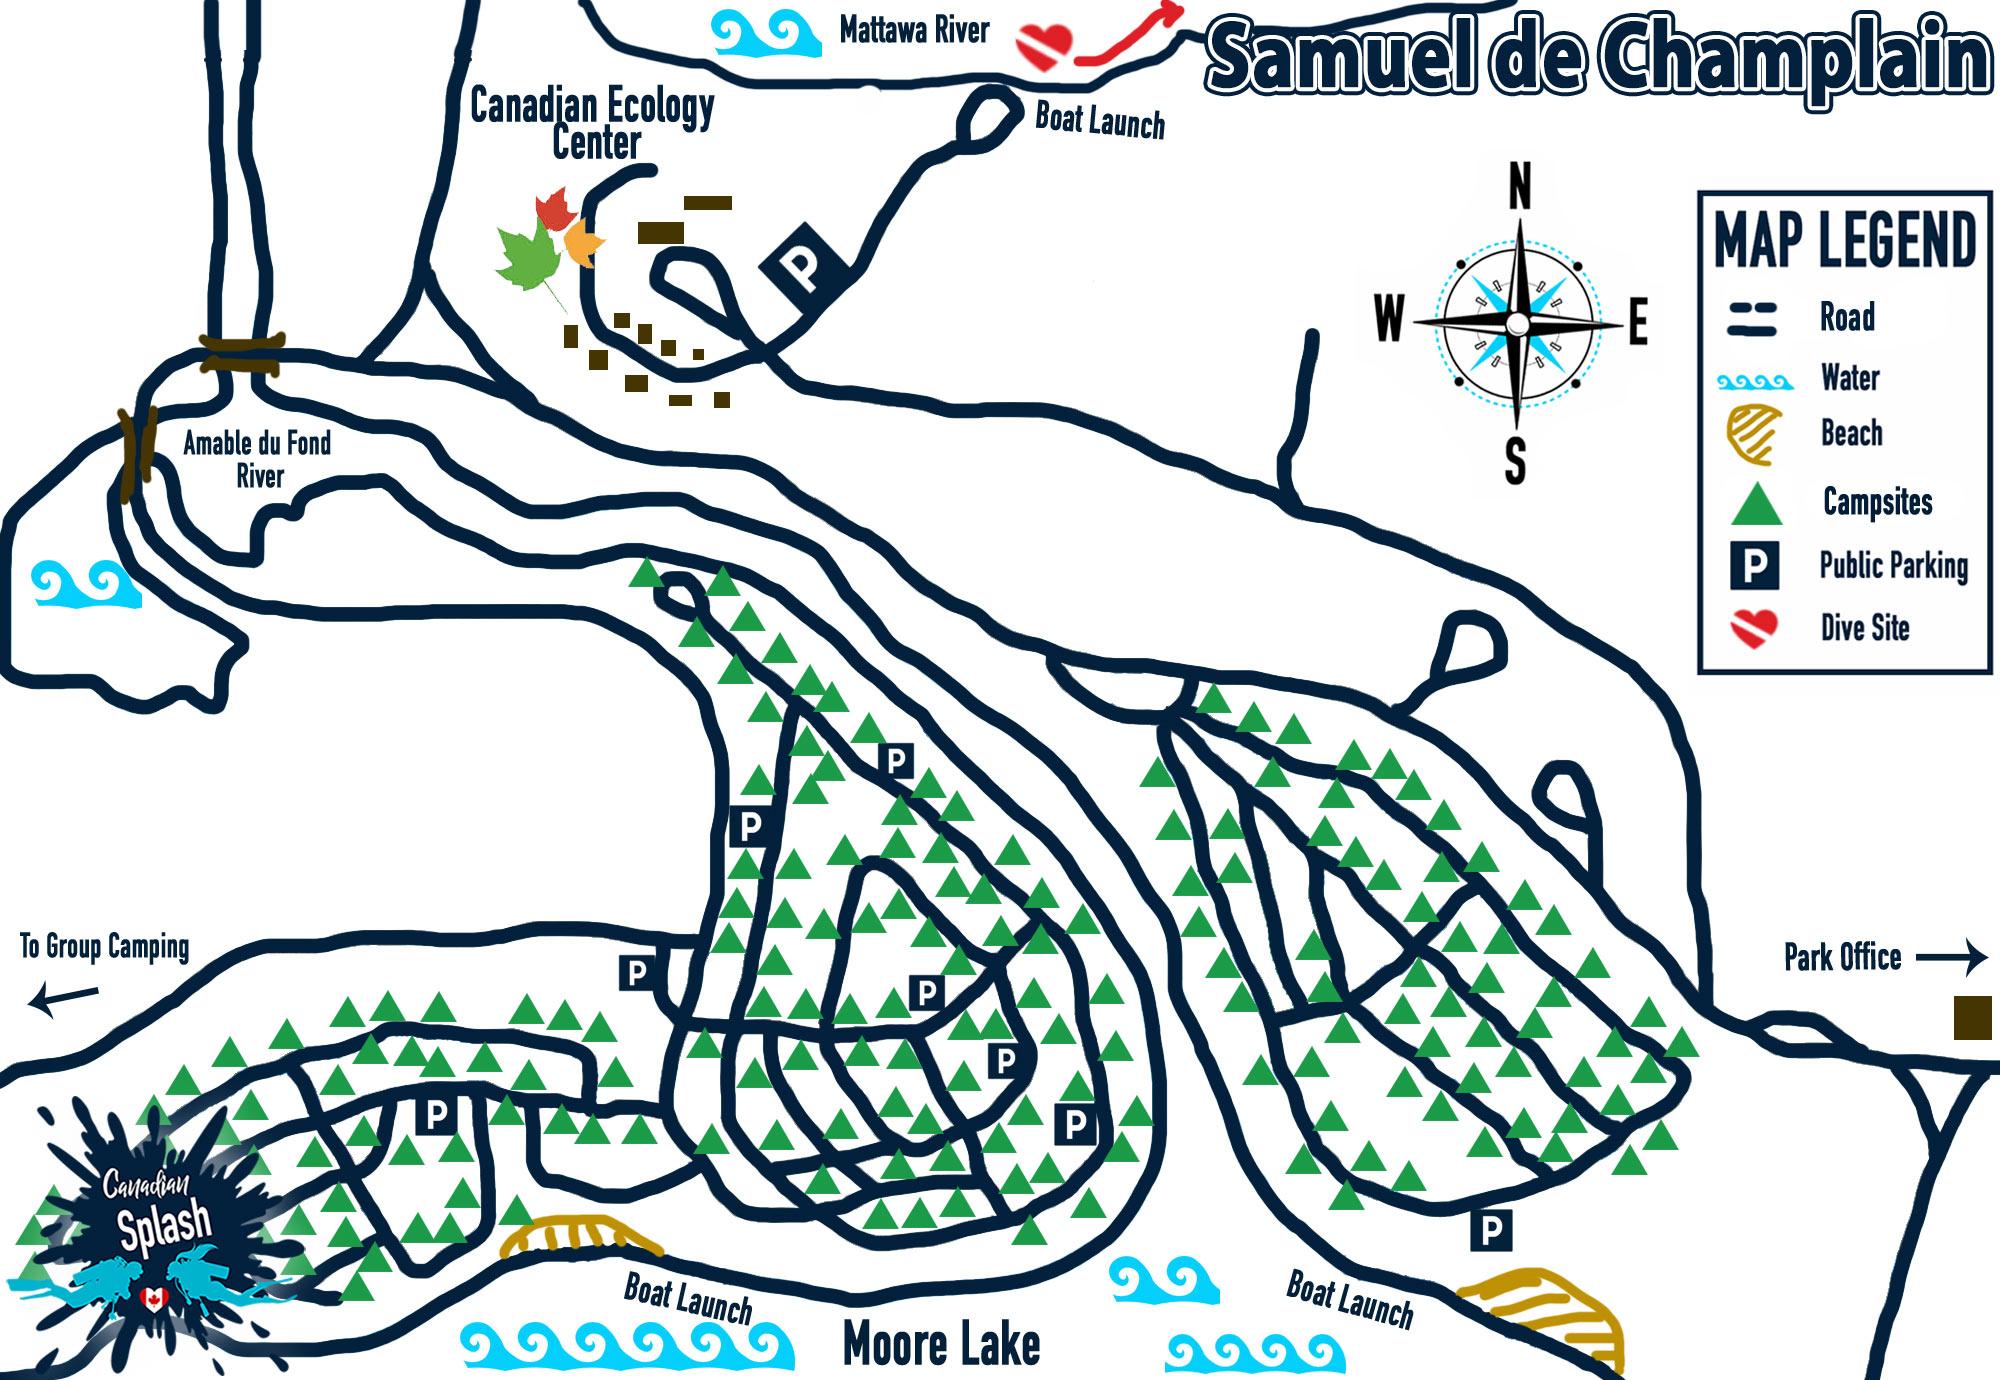 Samuel De Champlain Provincial Park Scuba Diving Map, Ontario Parks, Canadian Splash